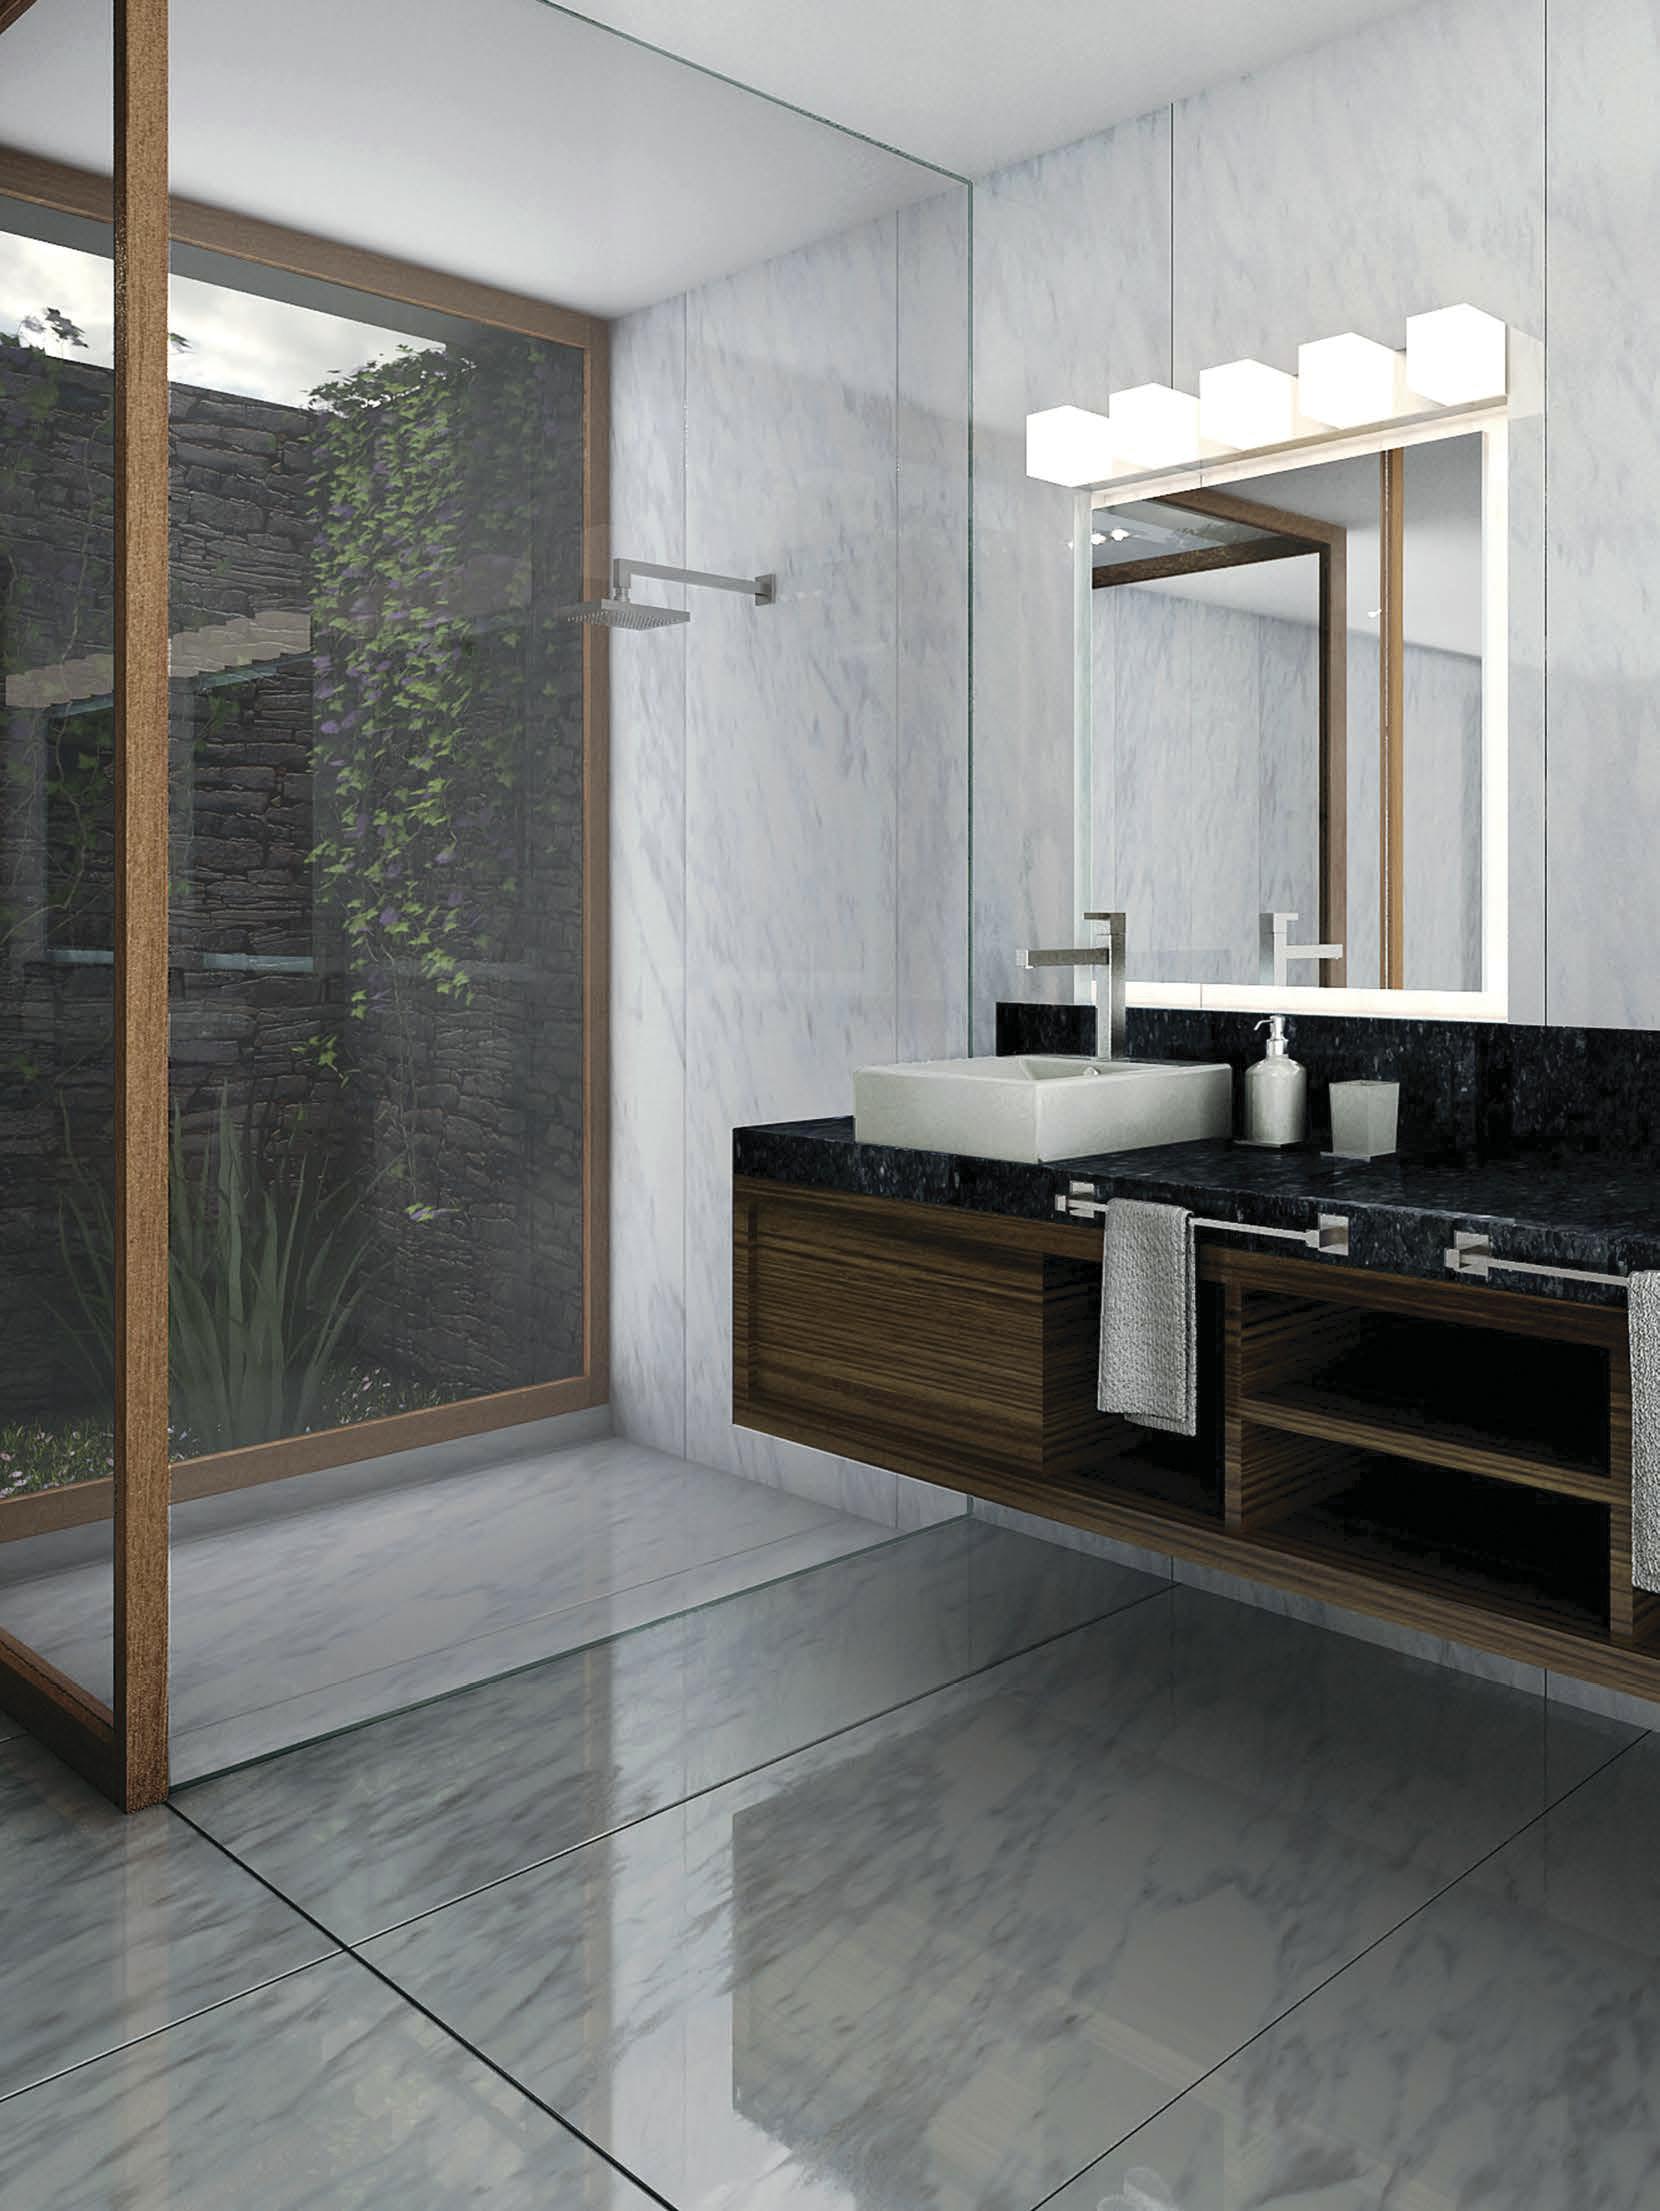 Muebles De Baño Orion:la comercialización de pisos azulejos muebles de baño equipos para